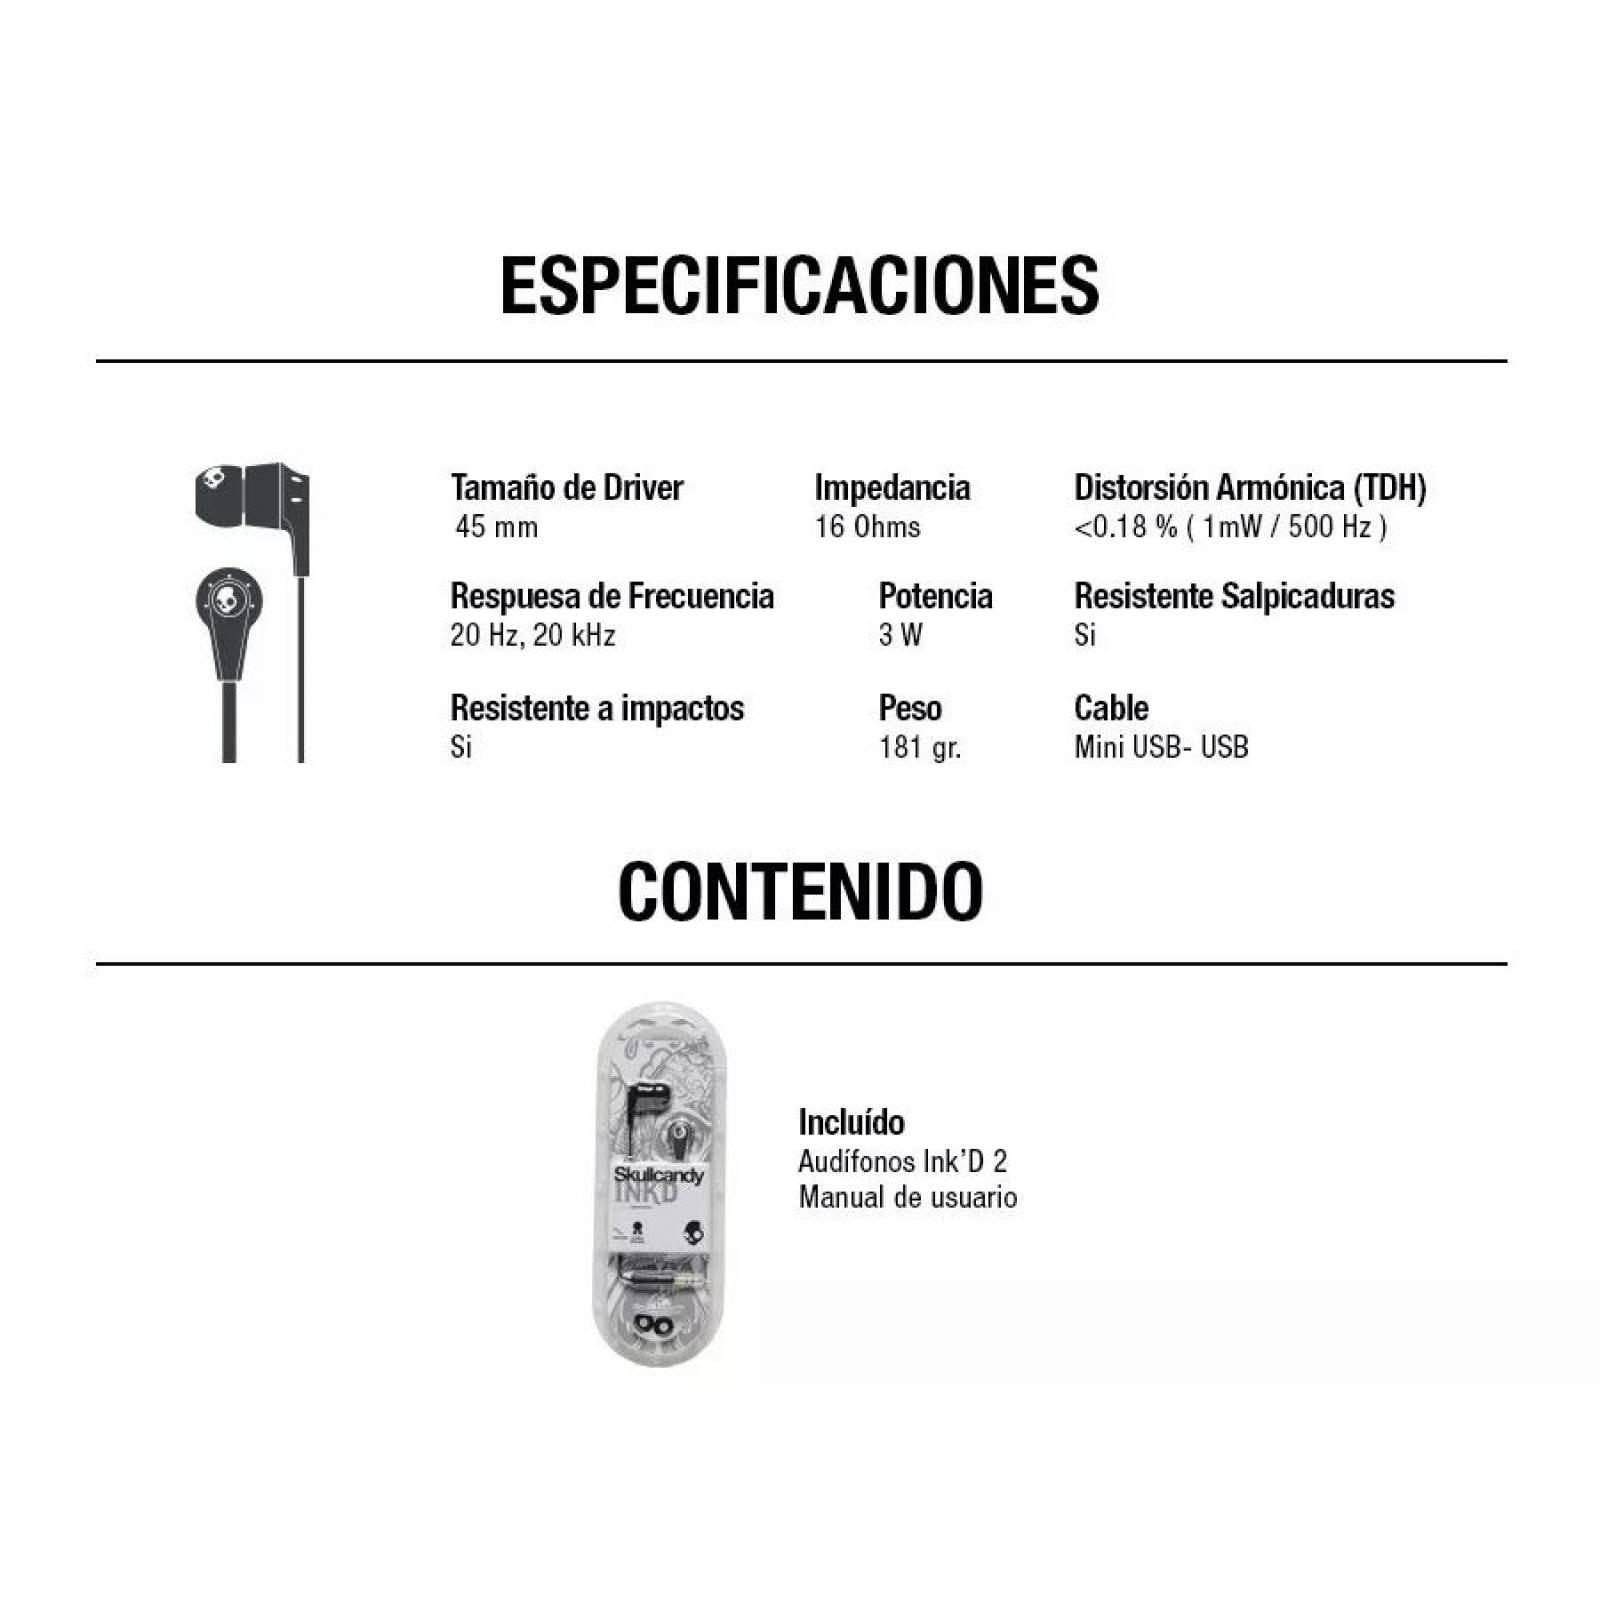 Audifonos Manos Libres Skullcandy Supreme Sound Ink d S2IKDY-010